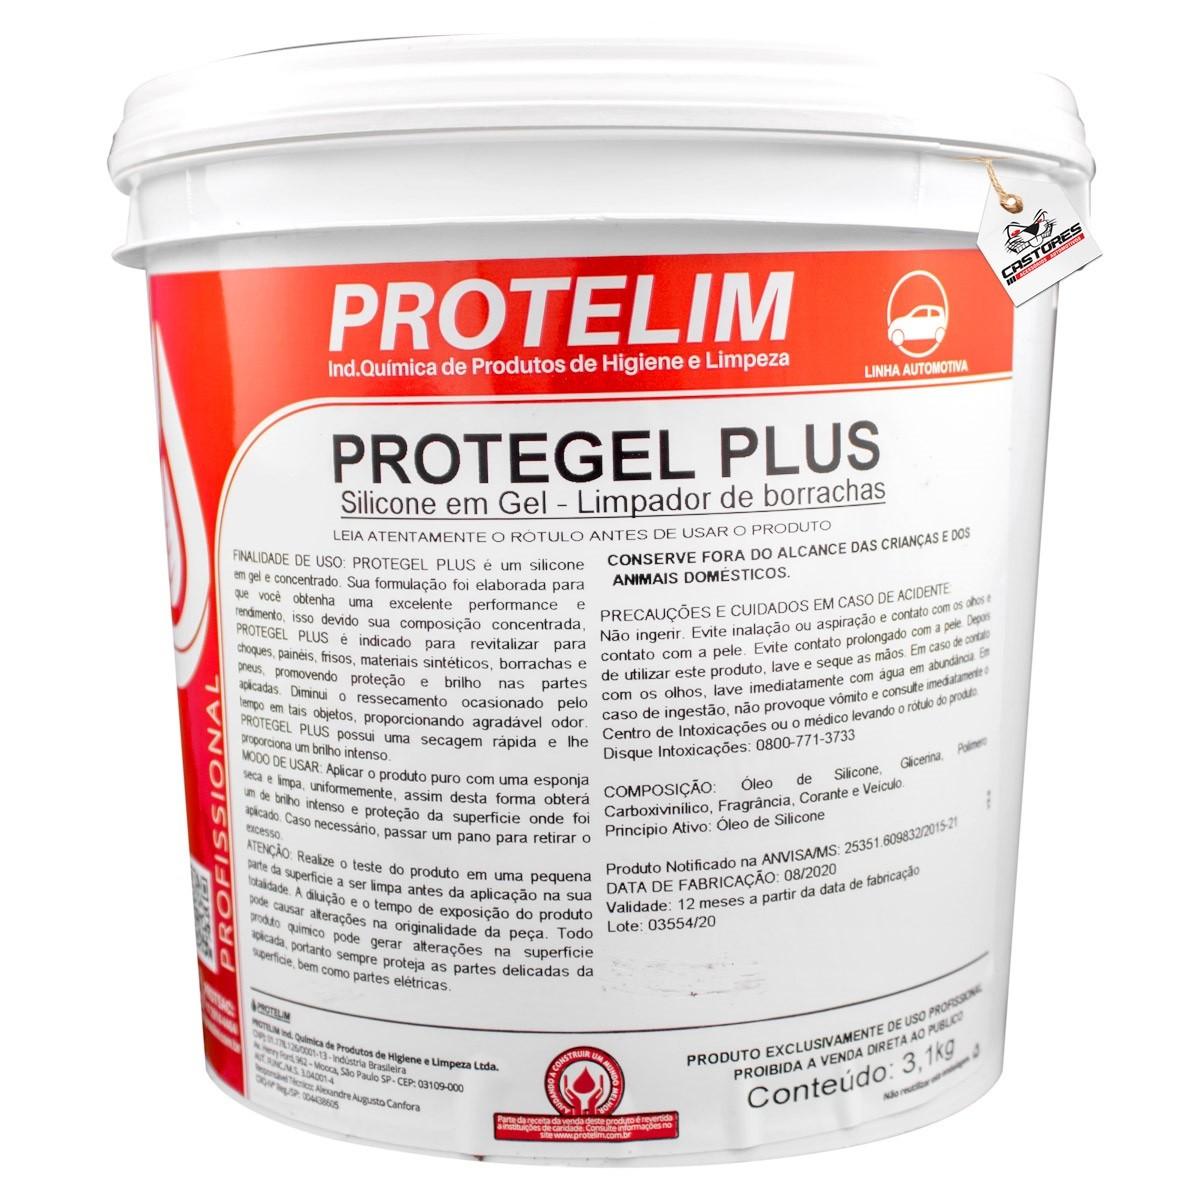 Protegel Plus - Silicone - 3,1kg - Protelim